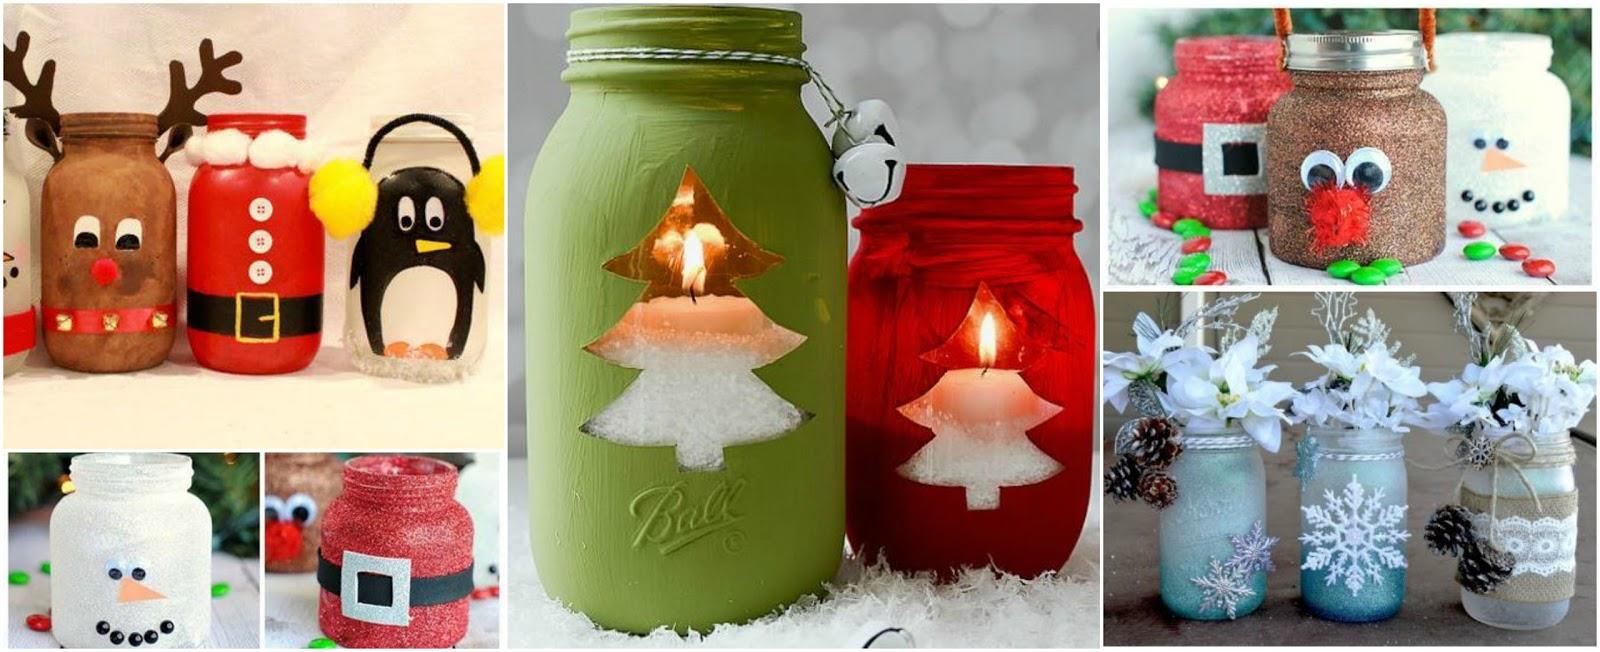 Octubre 2017 cositasconmesh for Frascos decorados para navidad